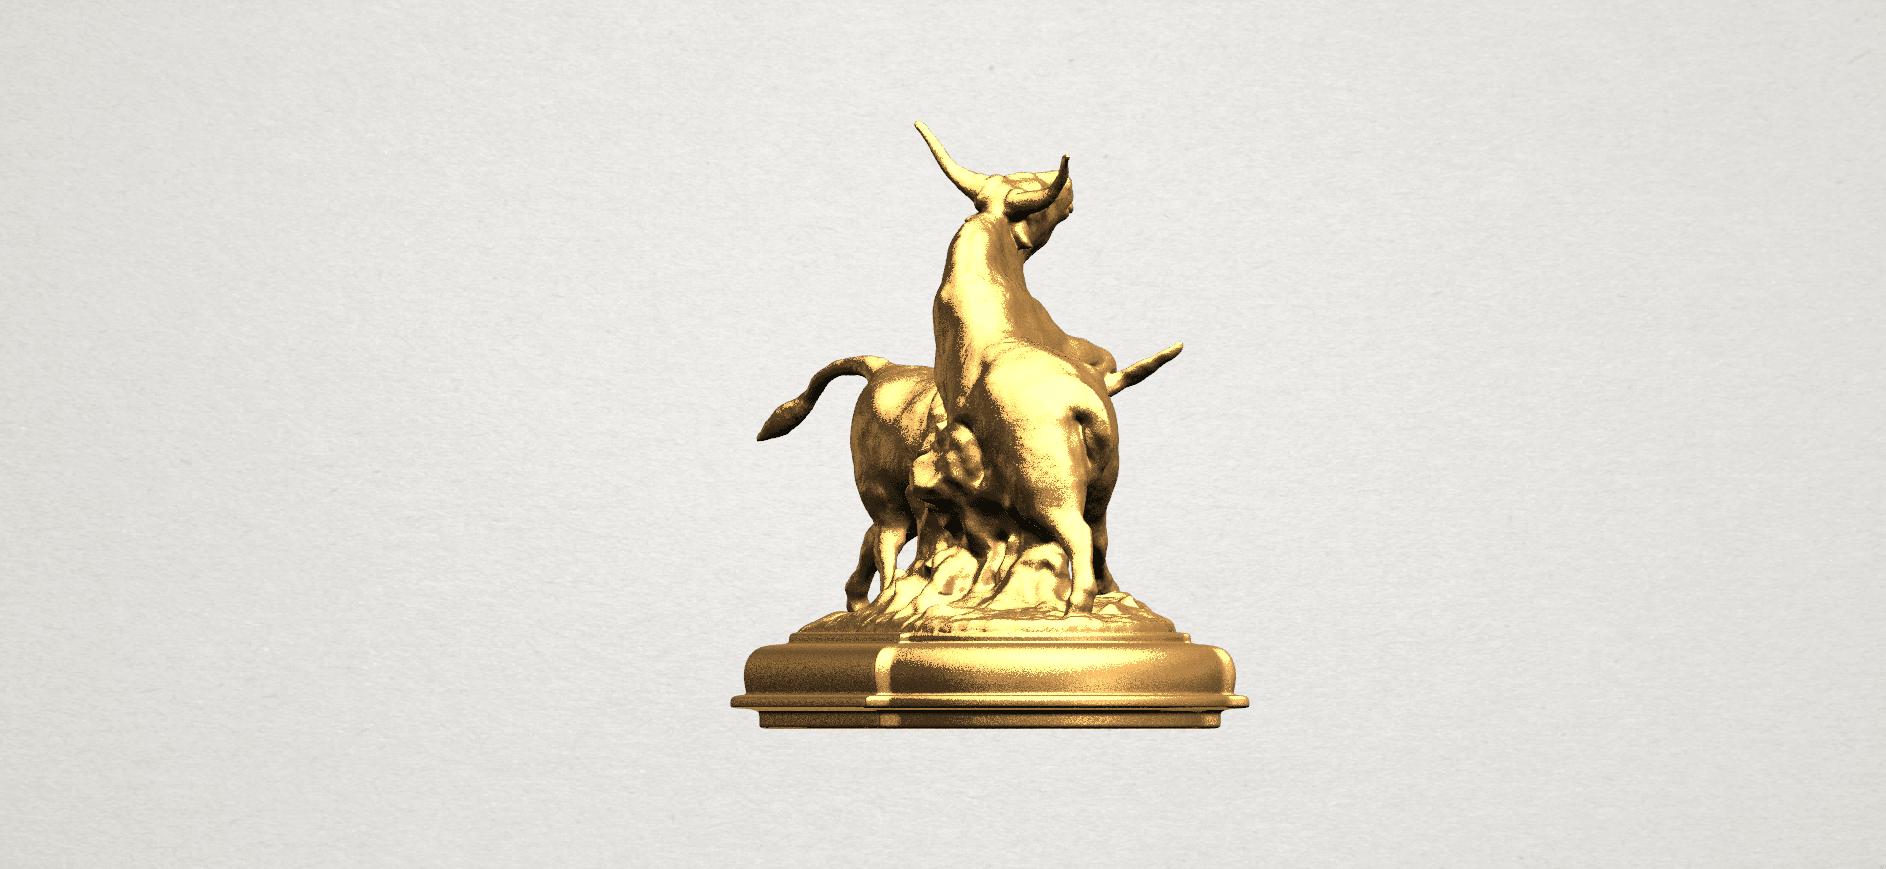 Bull (iii) A06.png Télécharger fichier STL gratuit Taureau 03 • Plan imprimable en 3D, GeorgesNikkei